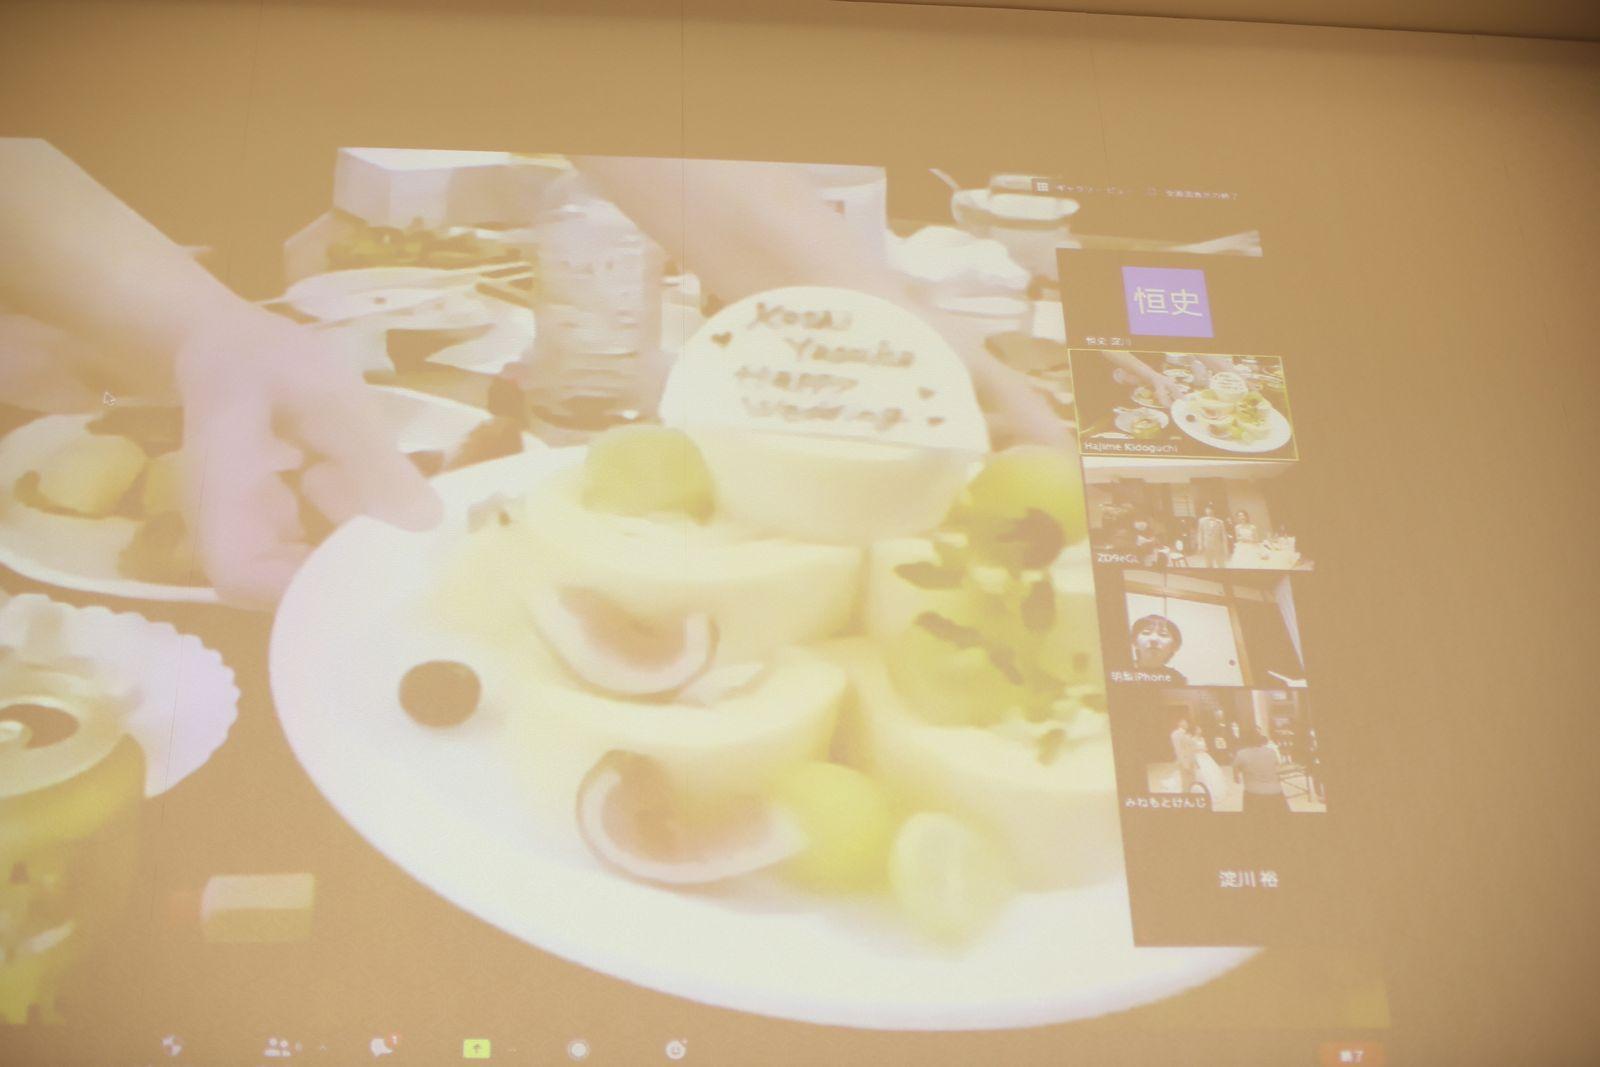 徳島県の結婚式場ブランアンジュでリモートでつながる新郎家族が用意したケーキ